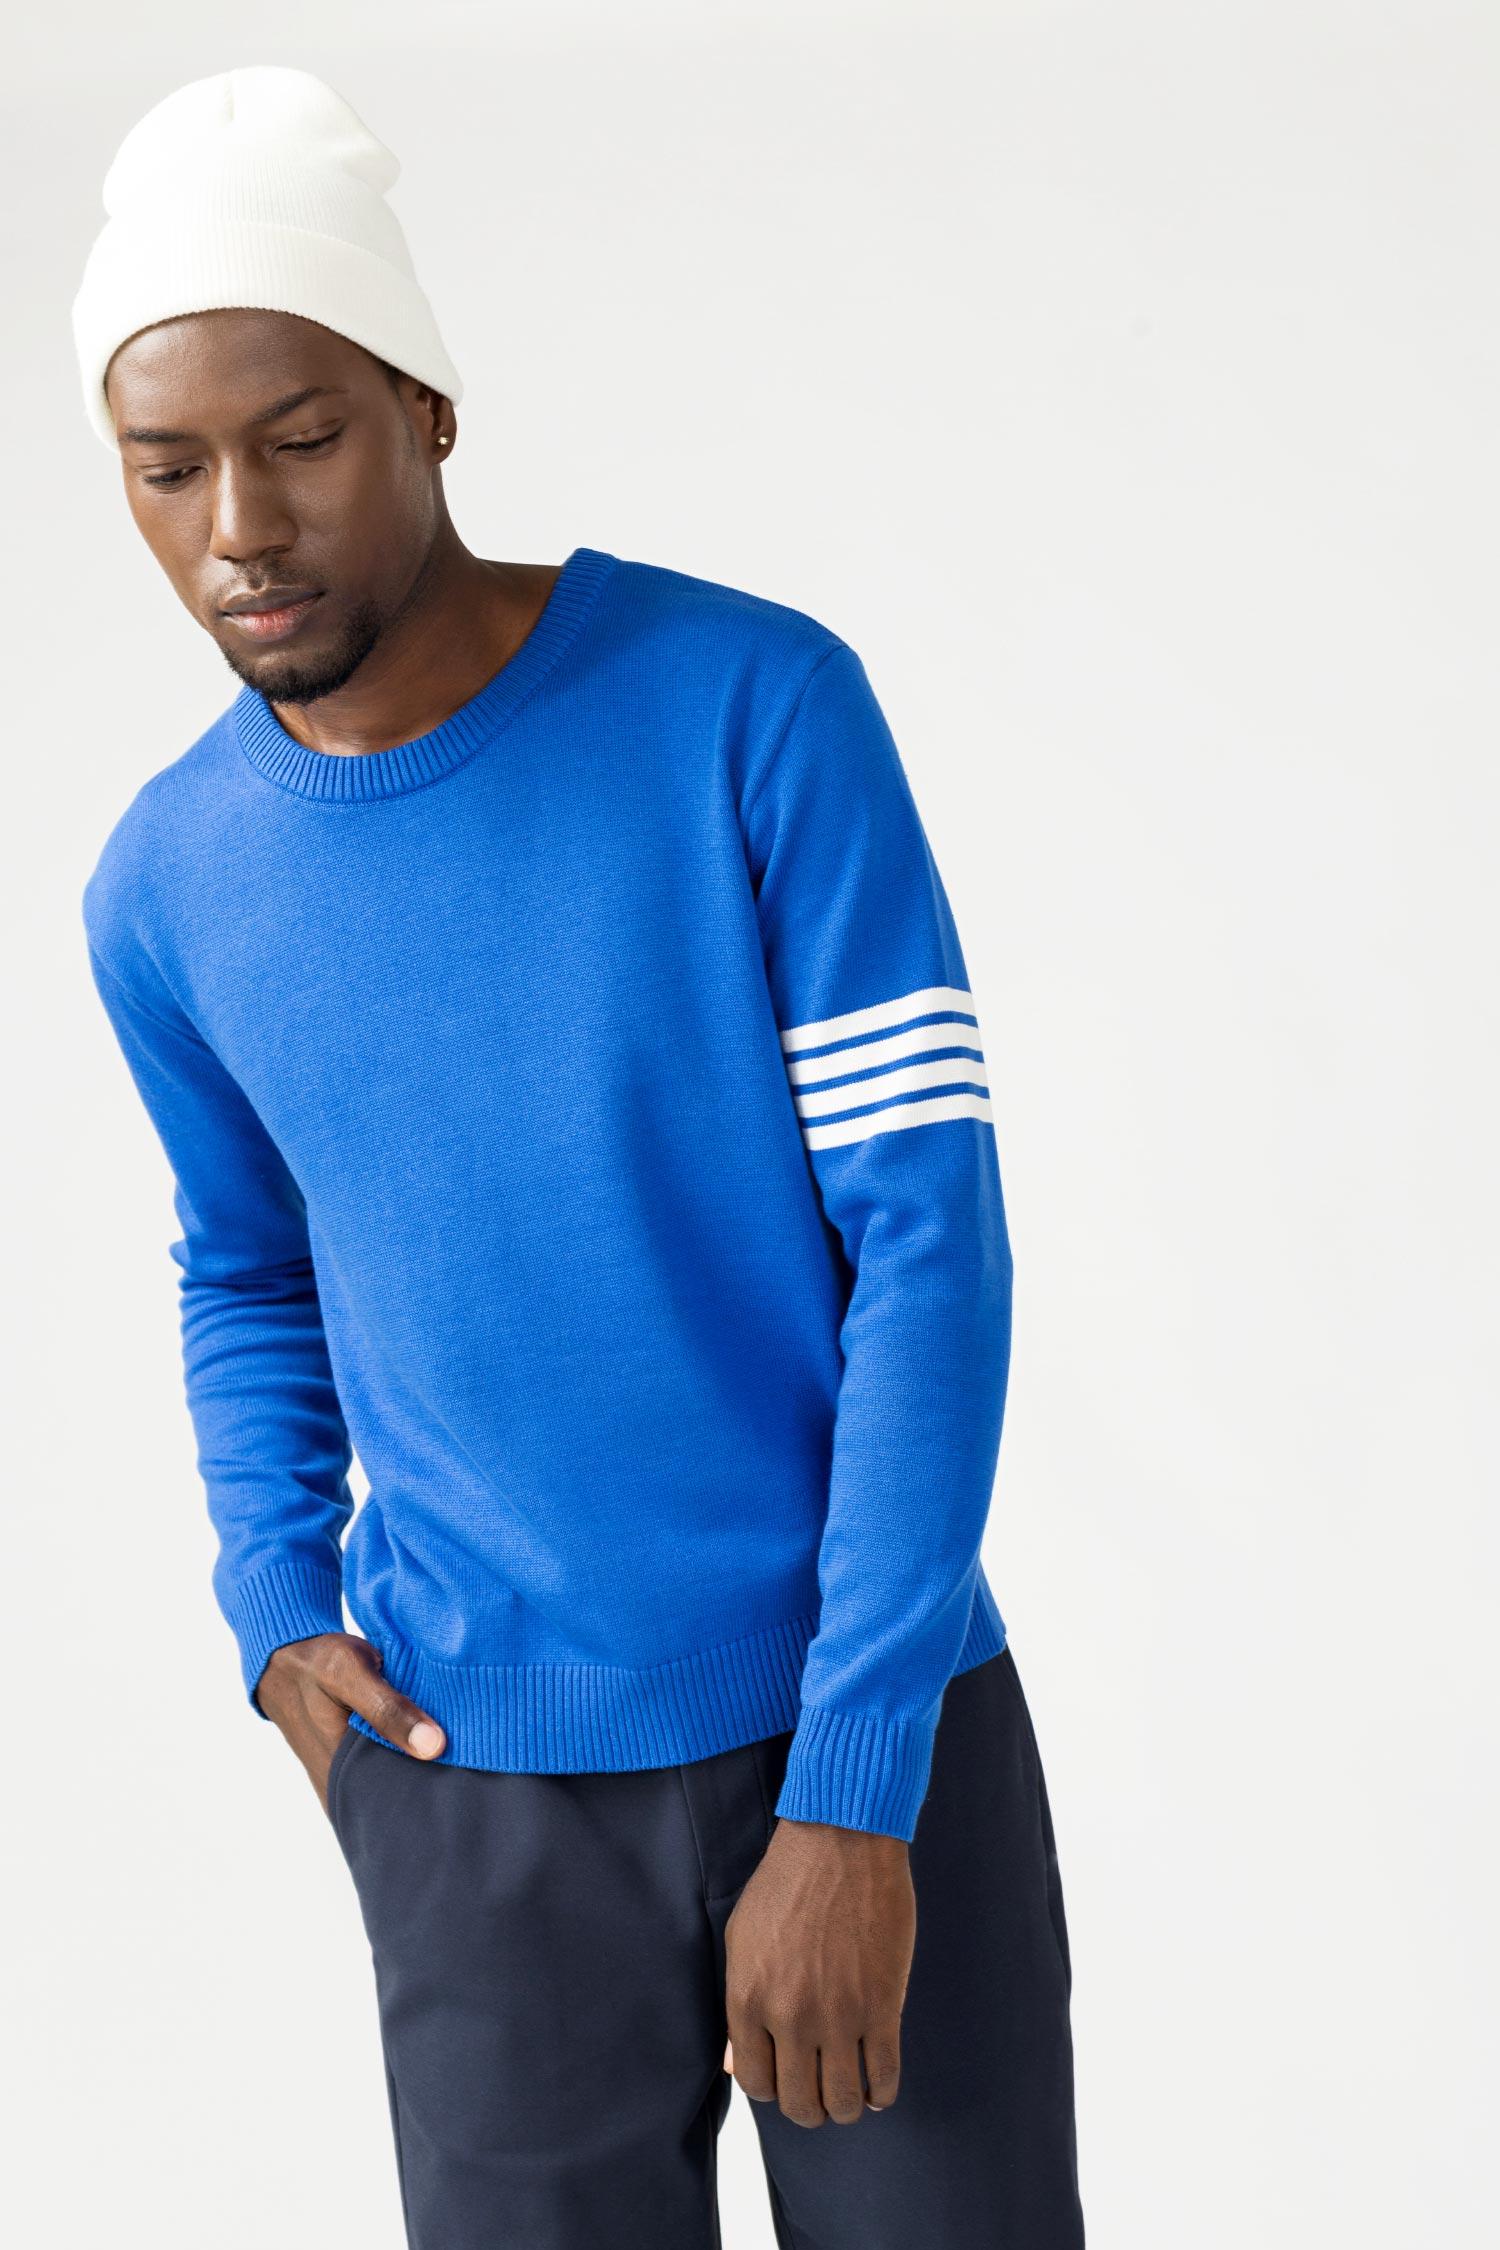 Купить Синий джемпер с полосками на рукаве, Urbantiger